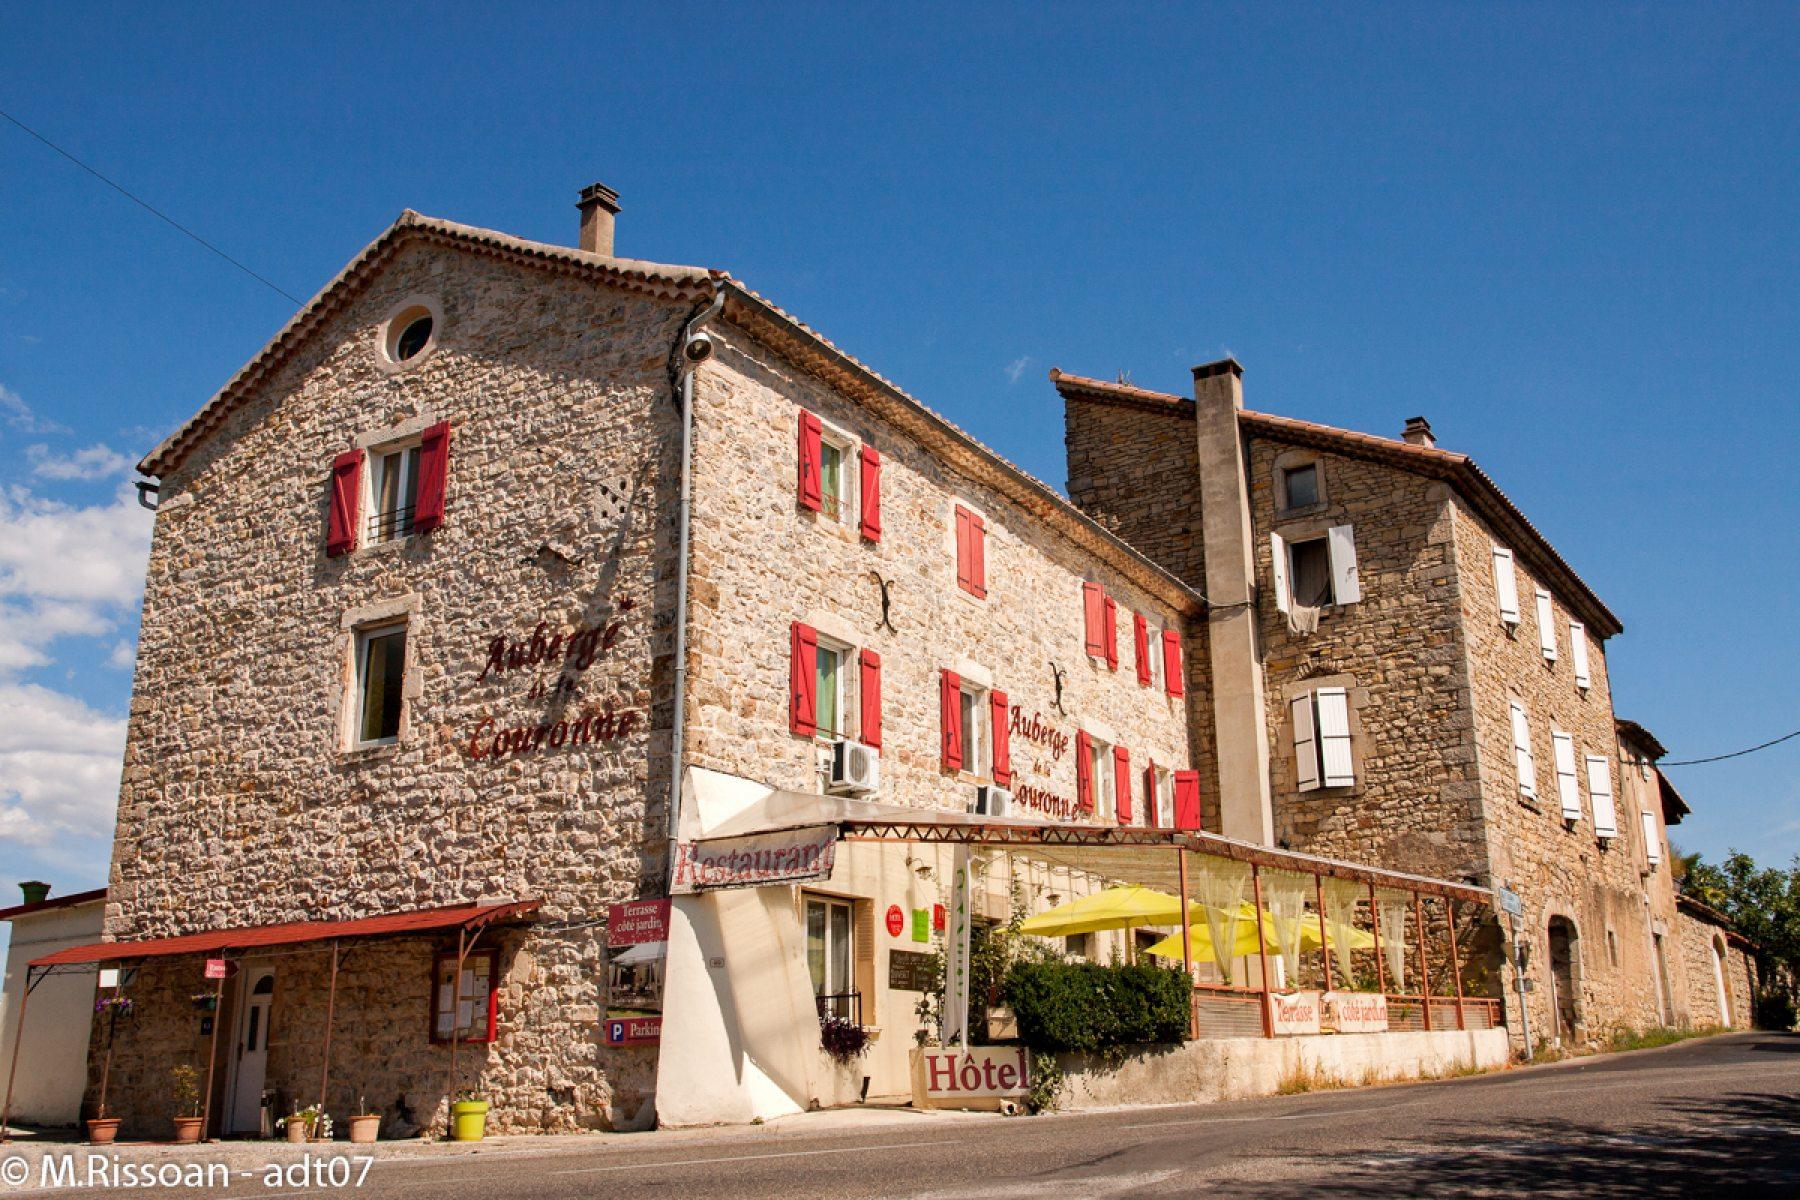 Hôtel Auberge de la Couronne